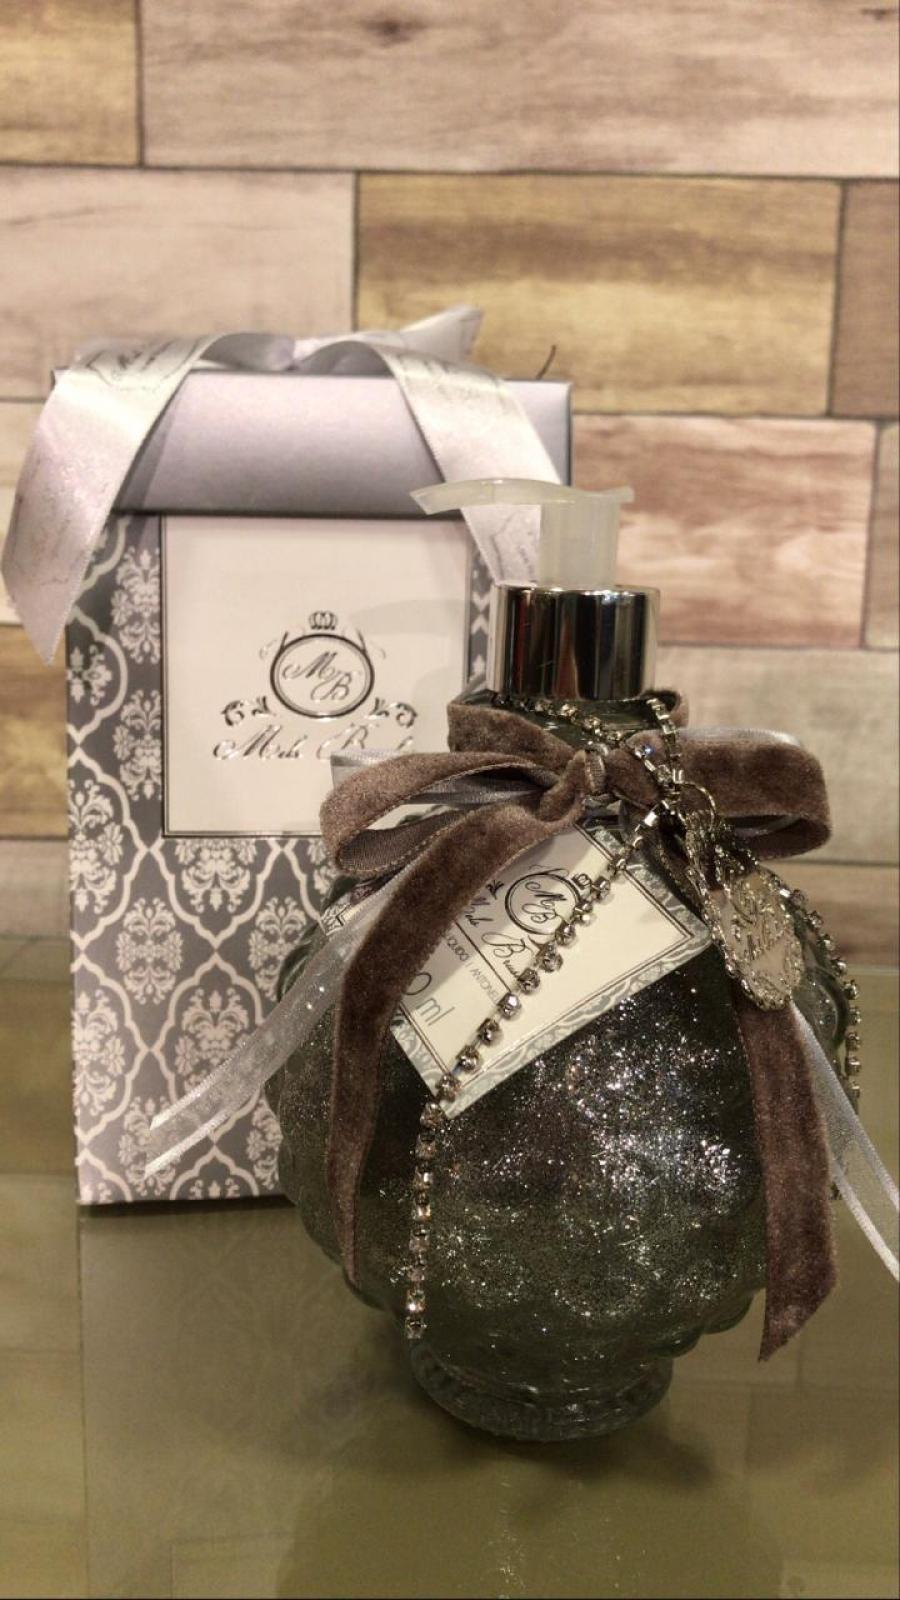 Sabonete Gift Antonella 550ml